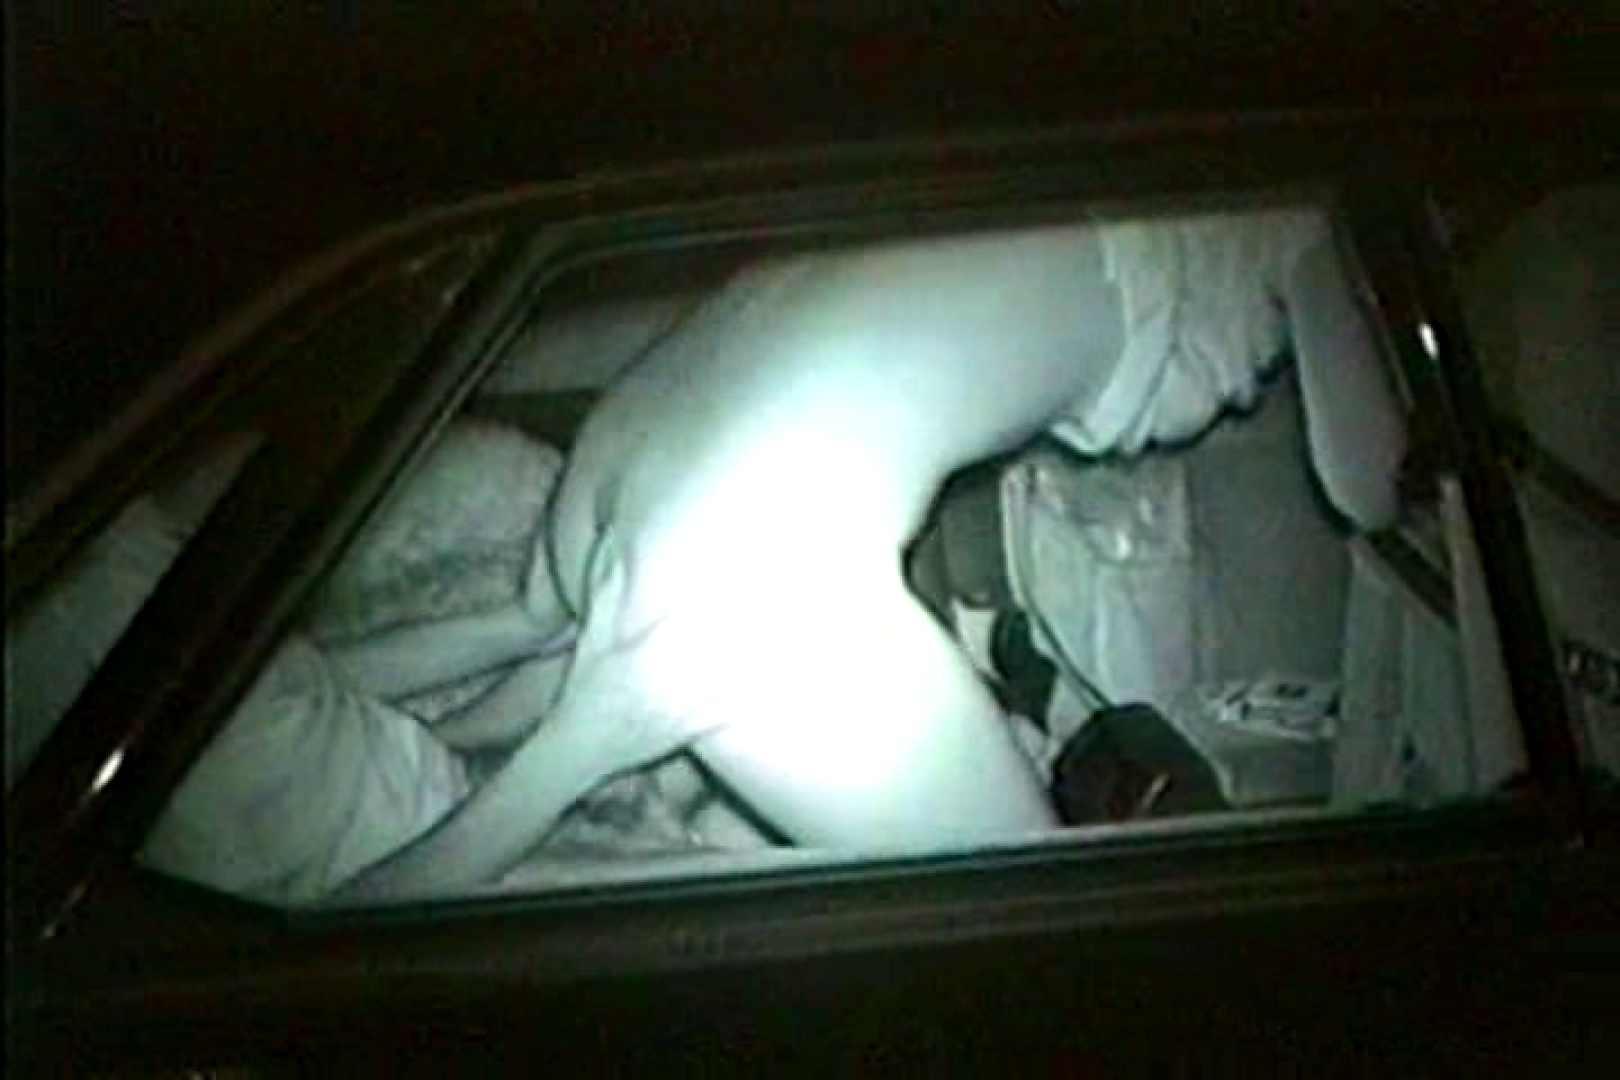 車の中はラブホテル 無修正版  Vol.6 カーセックス盗撮 おめこ無修正画像 104pic 22